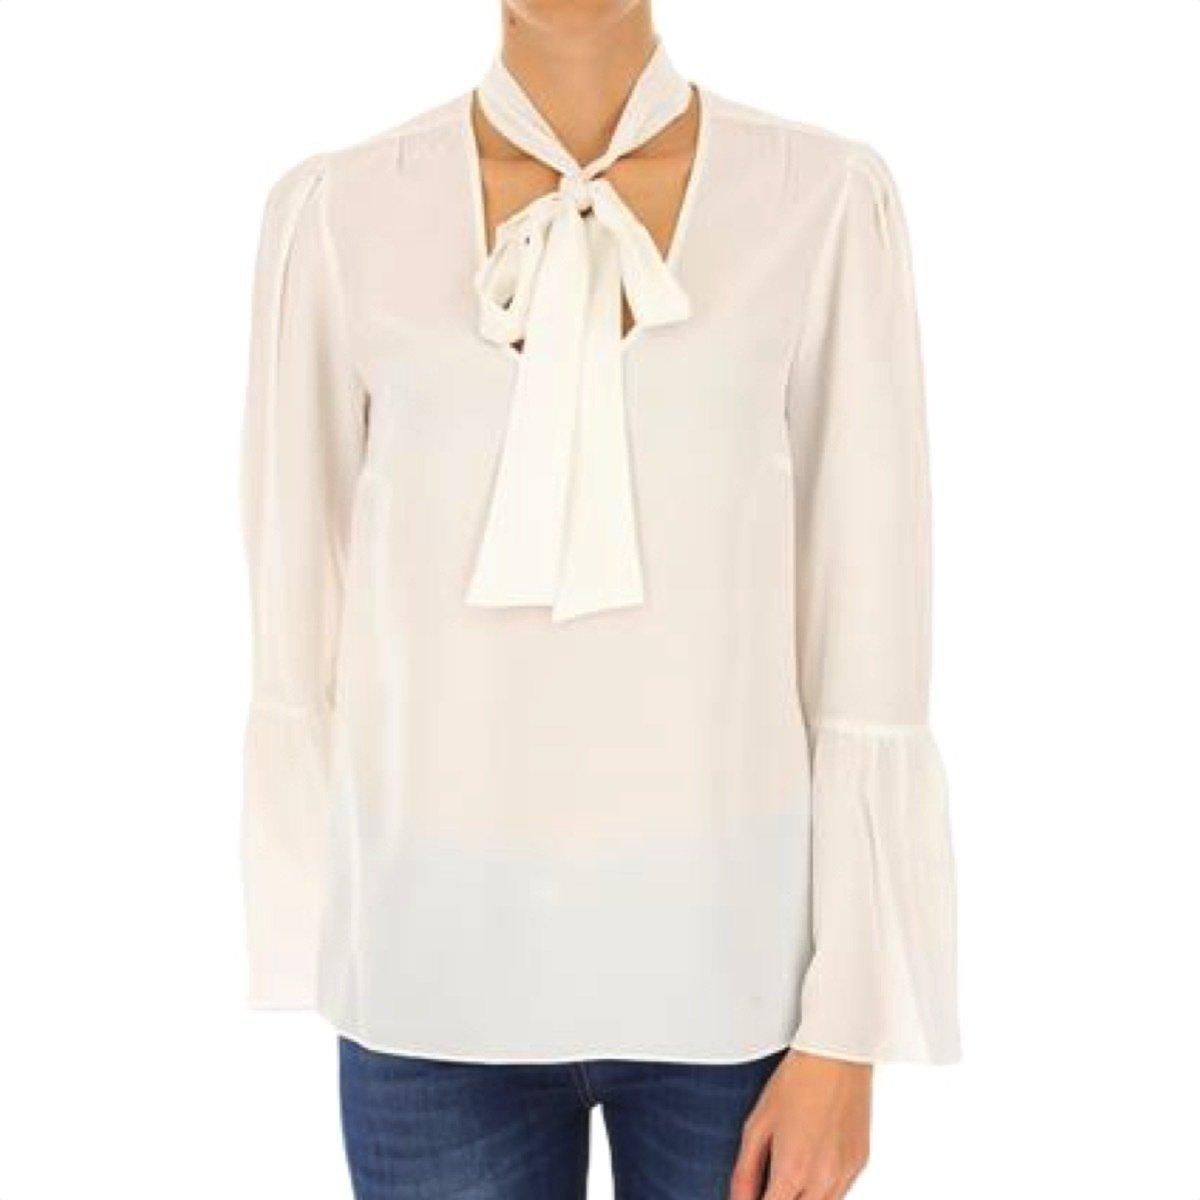 MICHAEL KORS - Camicia seta con collo a foulard - White